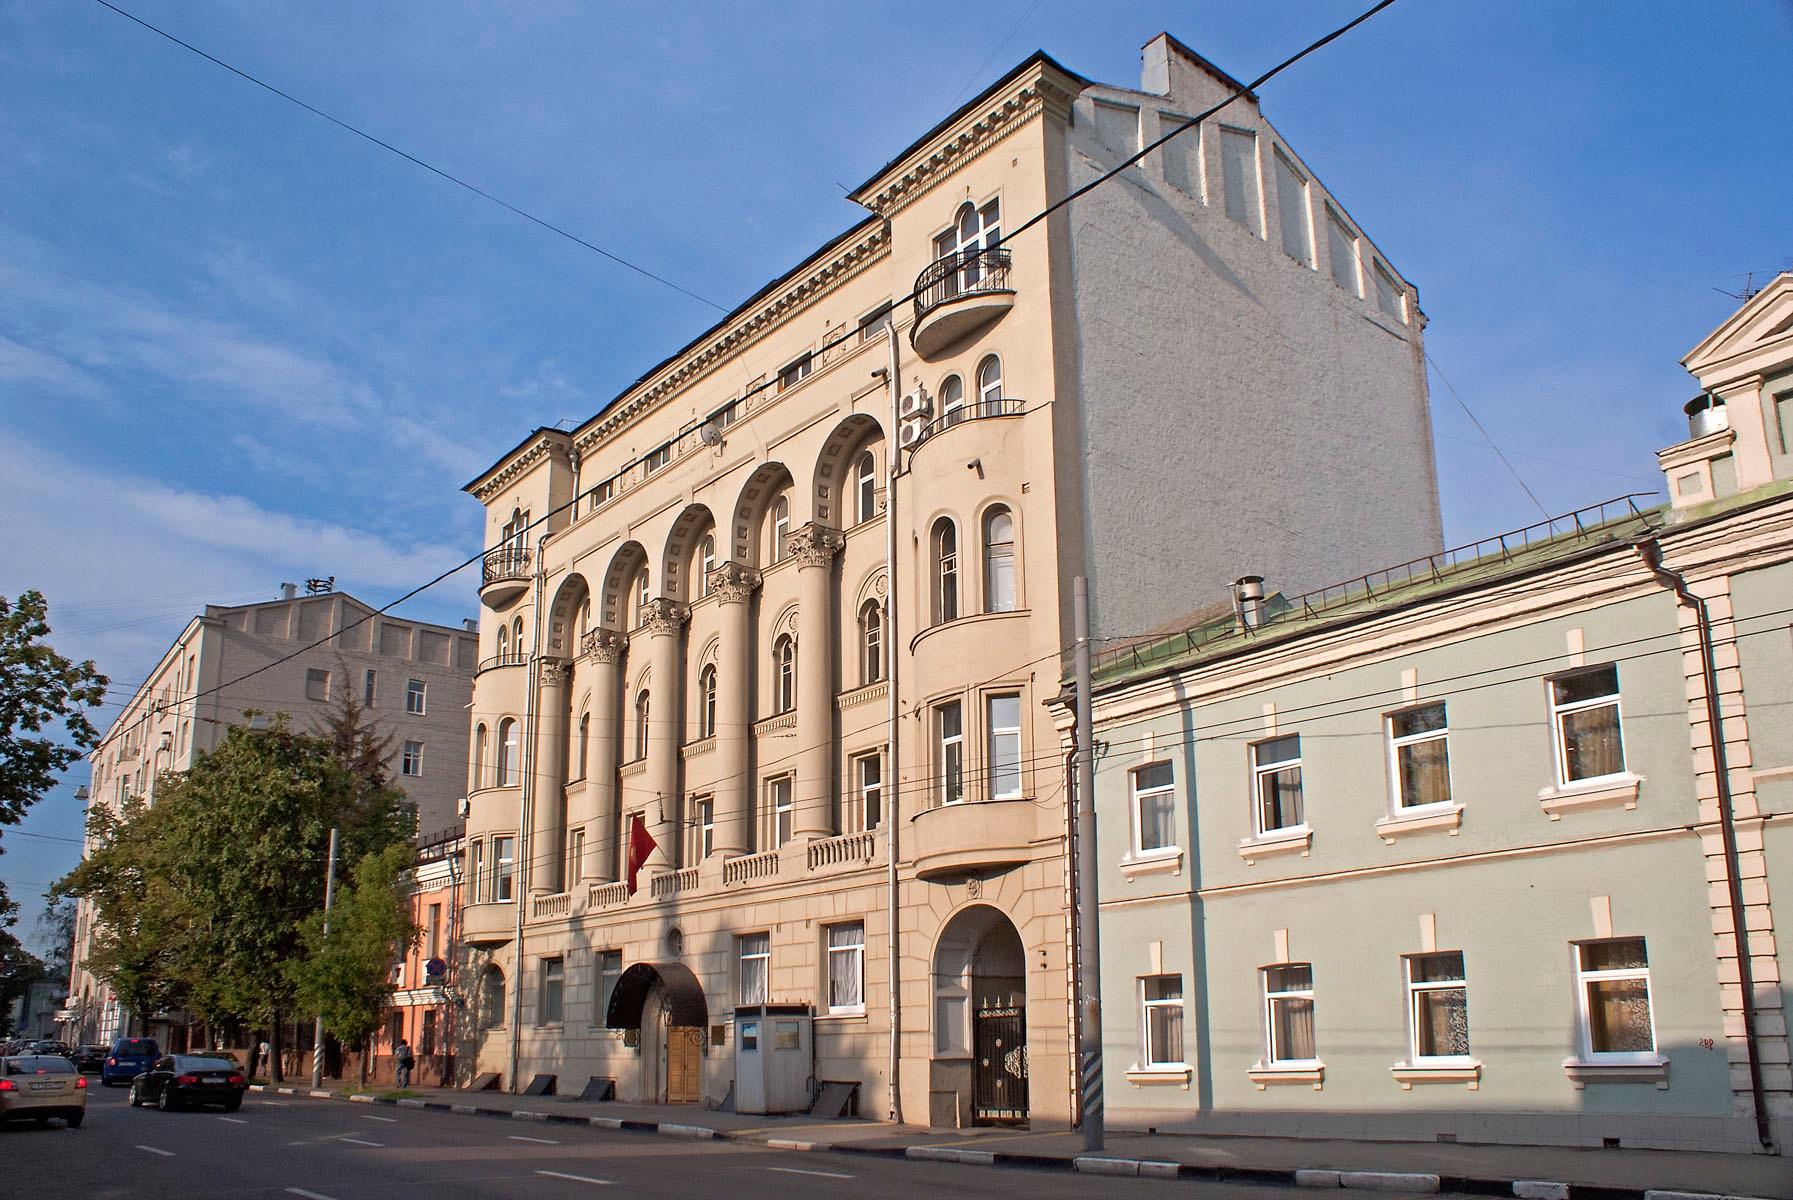 Посольство Киргизии (Доходный дом Н.Д. Ижболдина, 1911) посольства в москве - png base64 iVBORw0KGgoAAAANSUhEUgAAAYYAAADcAQMAAABOLJSDAAAAA1BMVEUAAACnej3aAAAAAXRSTlMAQObYZgAAACJJREFUaIHtwTEBAAAAwqD1T20ND6AAAAAAAAAAAAAA4N8AKvgAAUFIrrEAAAAASUVORK5CYII  - Экскурсия по посольствам Москвы: самые интересные архитектурные постройки